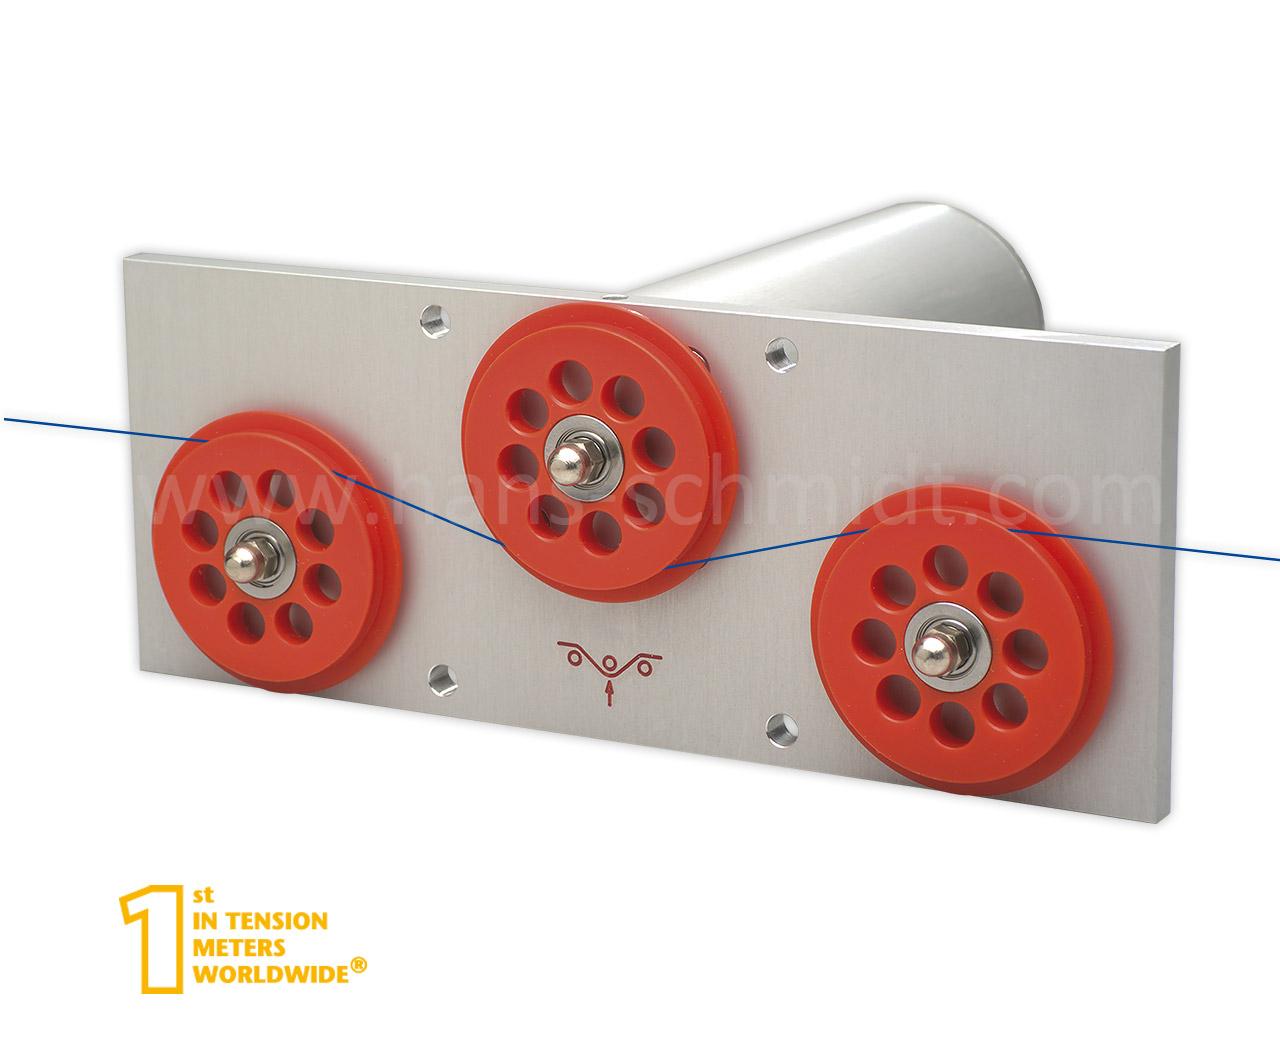 Stationäre elektronische Zugspannungssensoren für Drähte bis 2000 cN